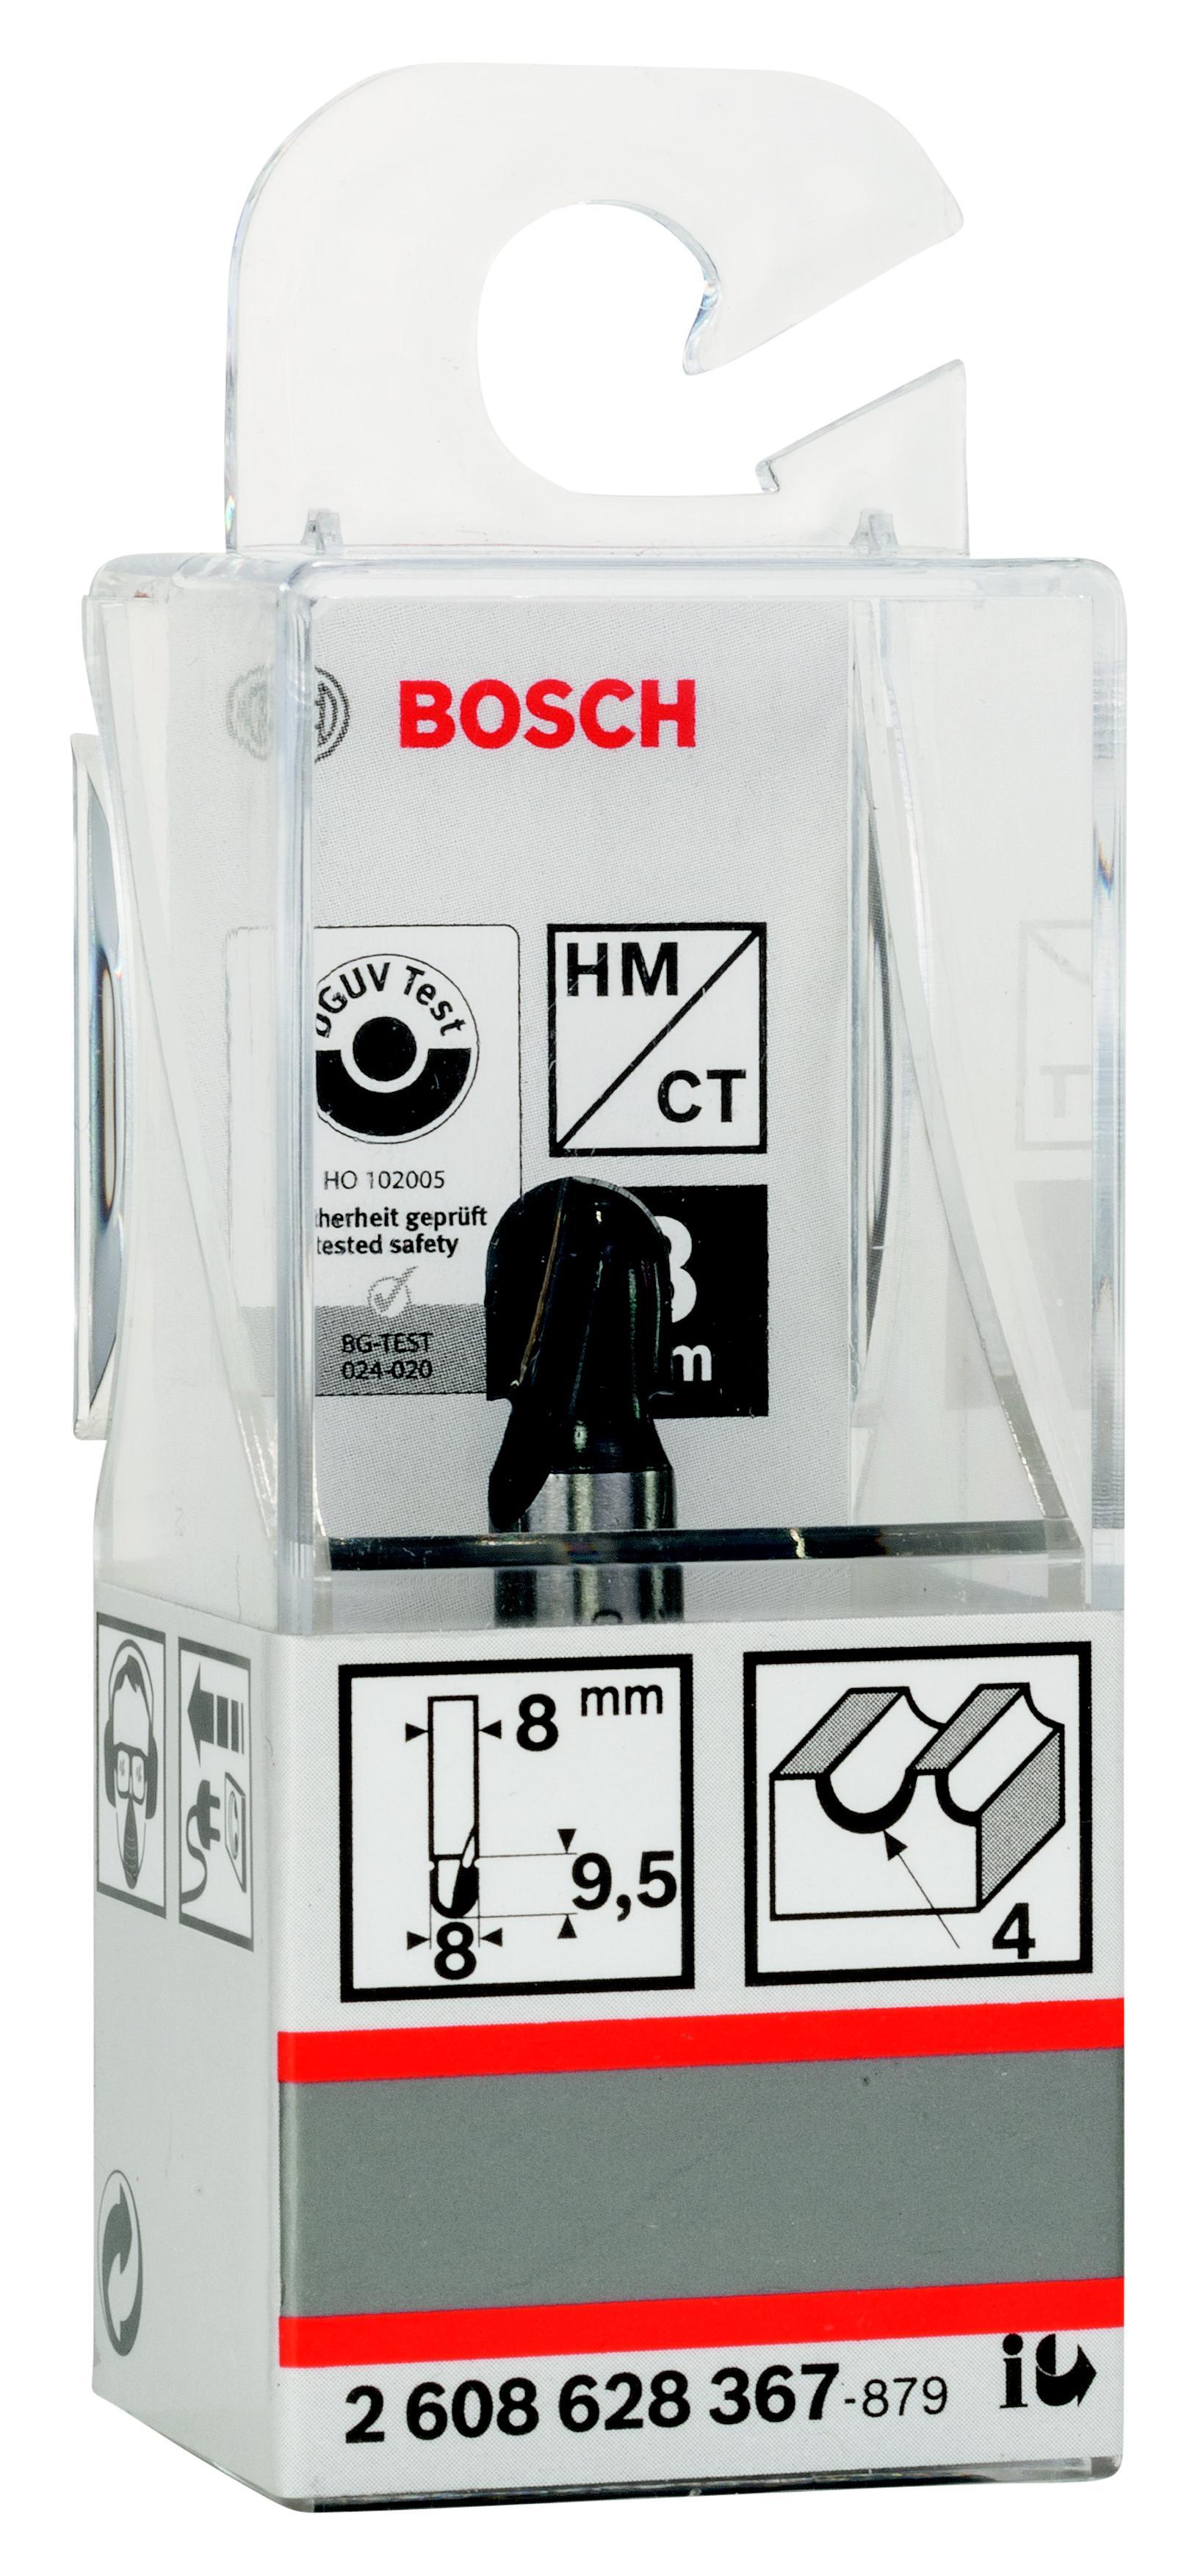 Купить Фреза Bosch галтельная 4/9.5/8 (2.608.628.367), Германия